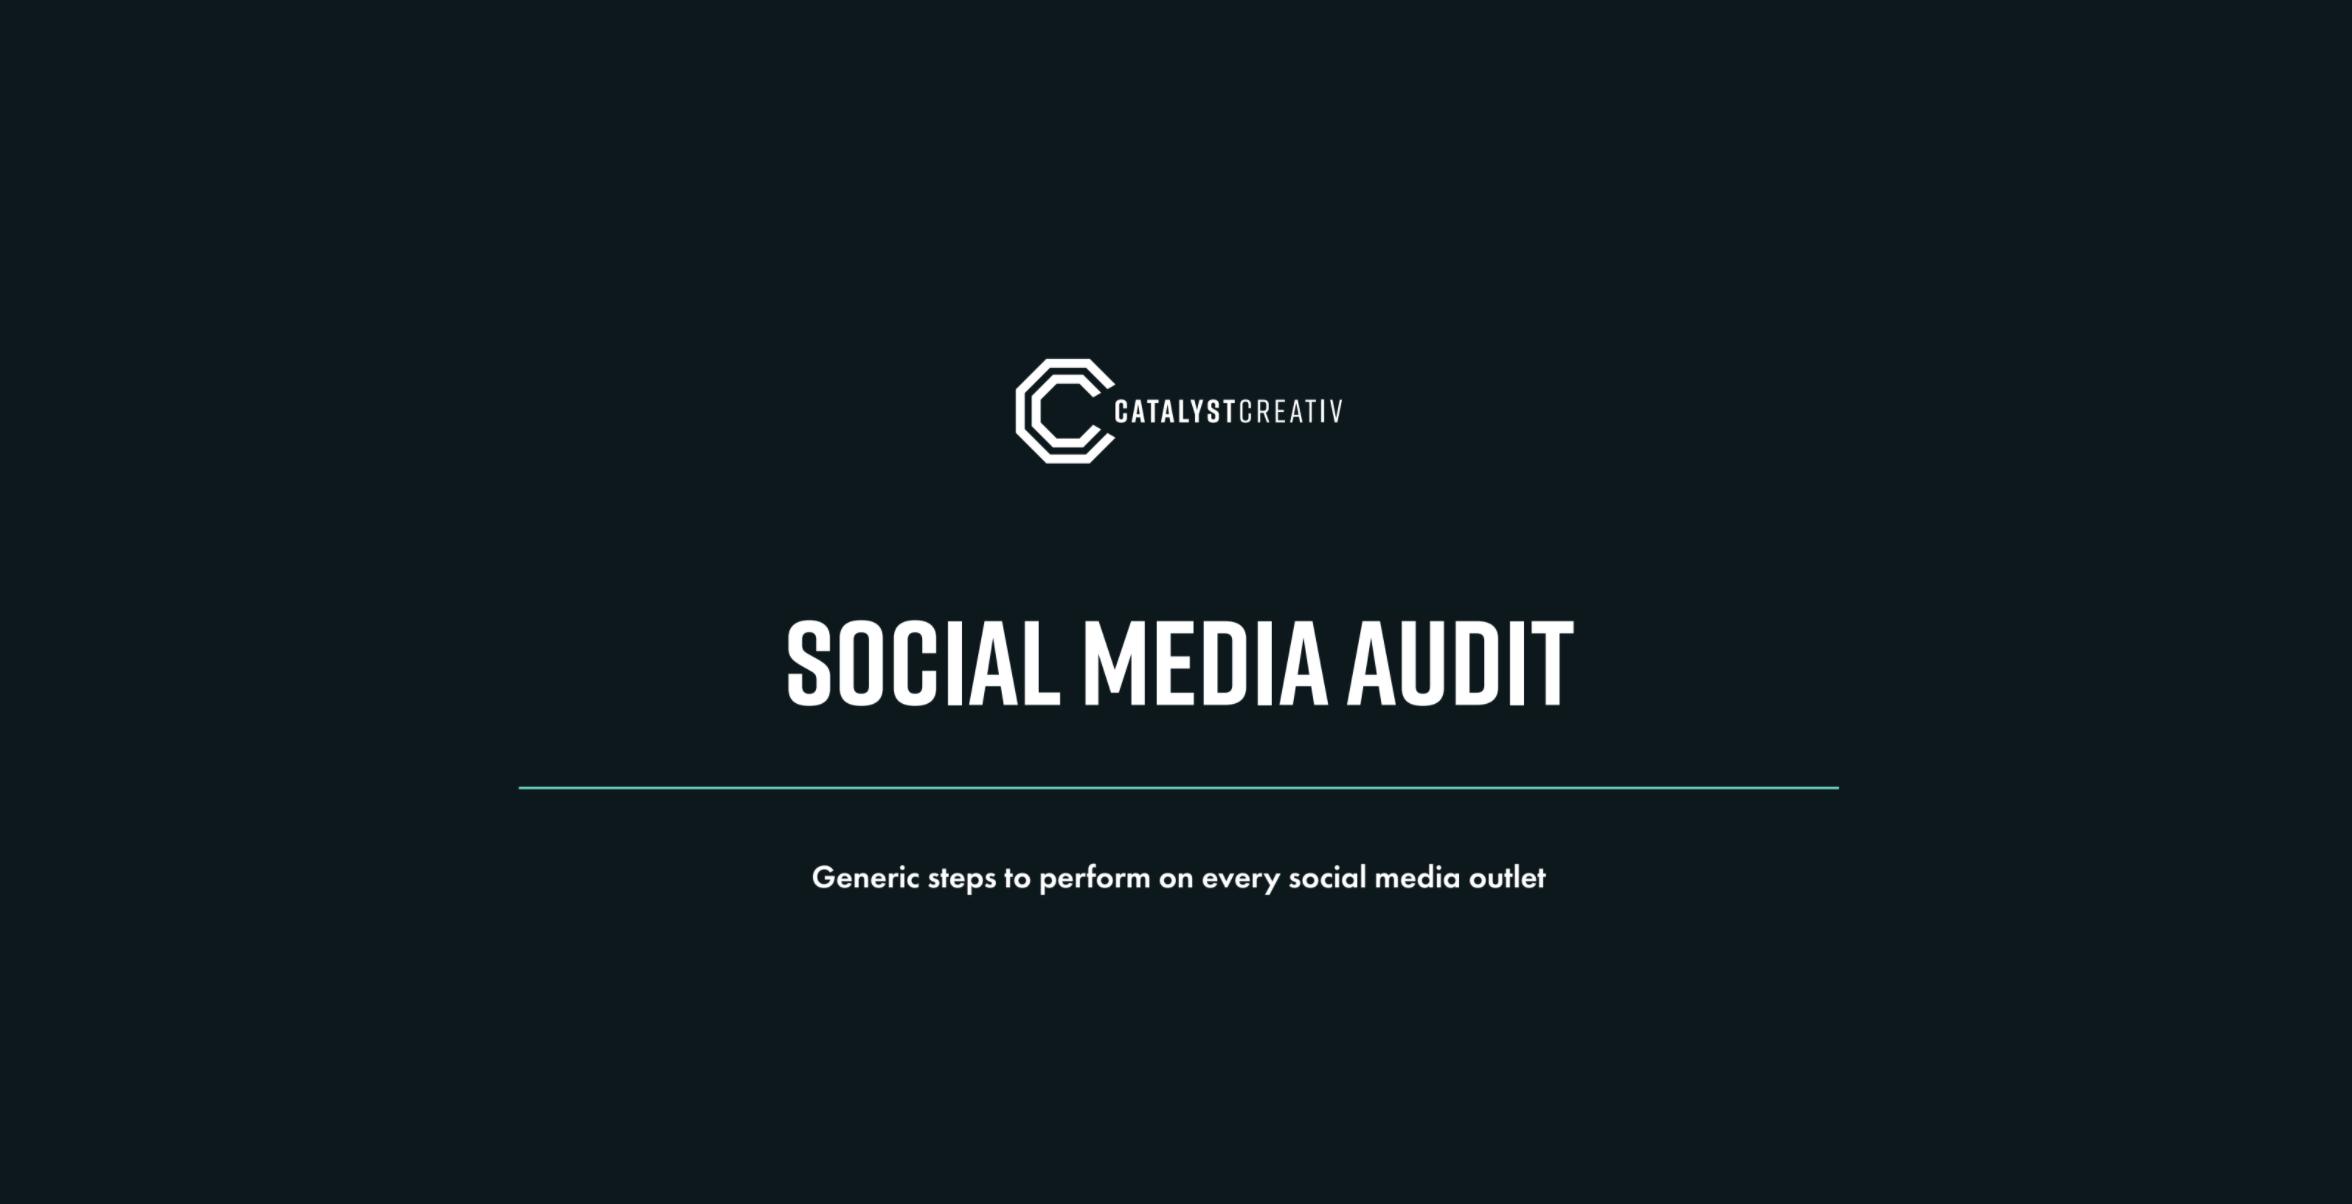 Education Partner Program x CatalysCreativ - Social Media Audit